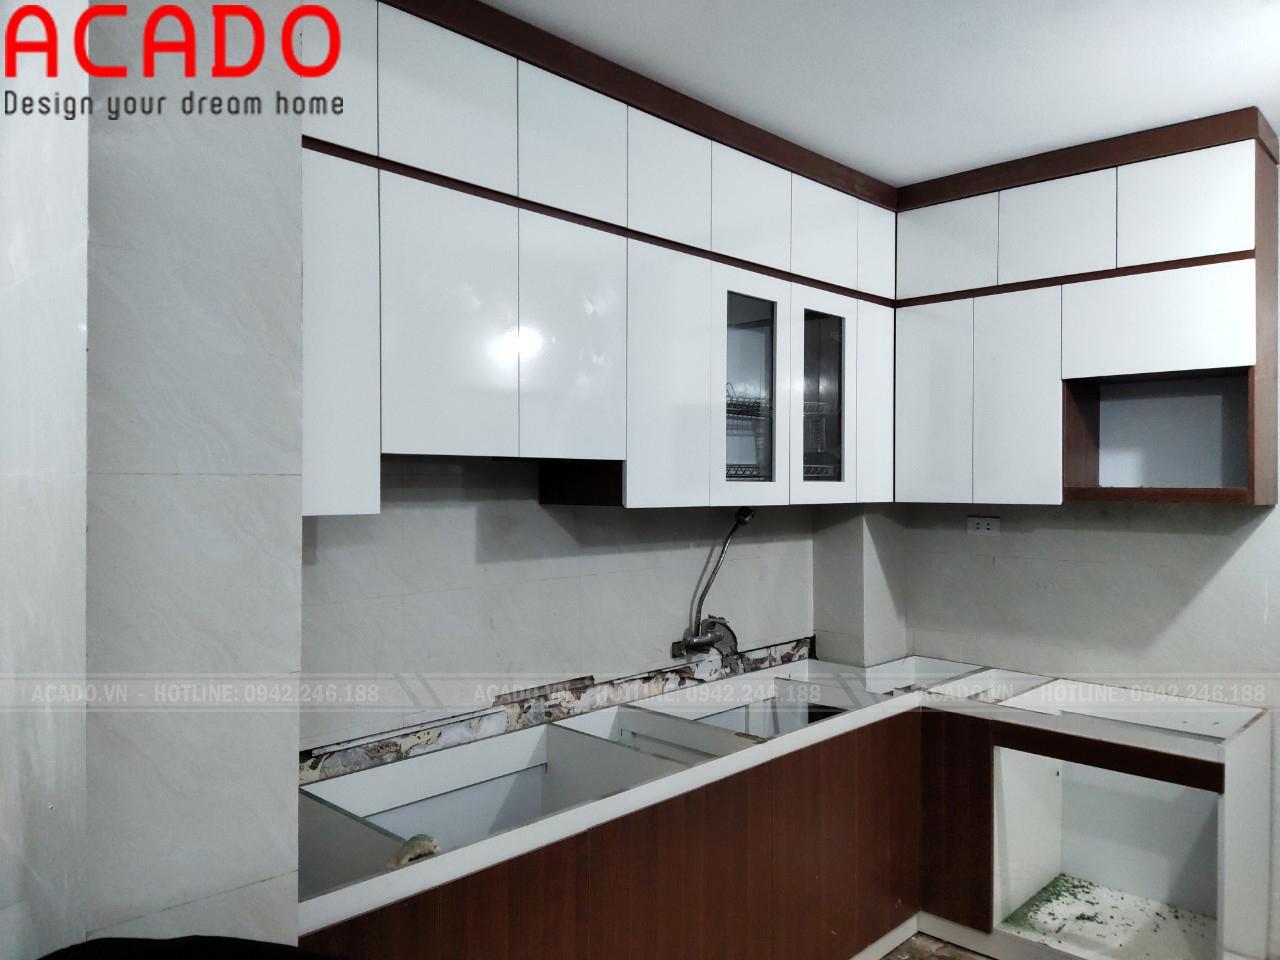 Tủ bếp thiết kế chữ L, tận dụng tối đa không gian bếp